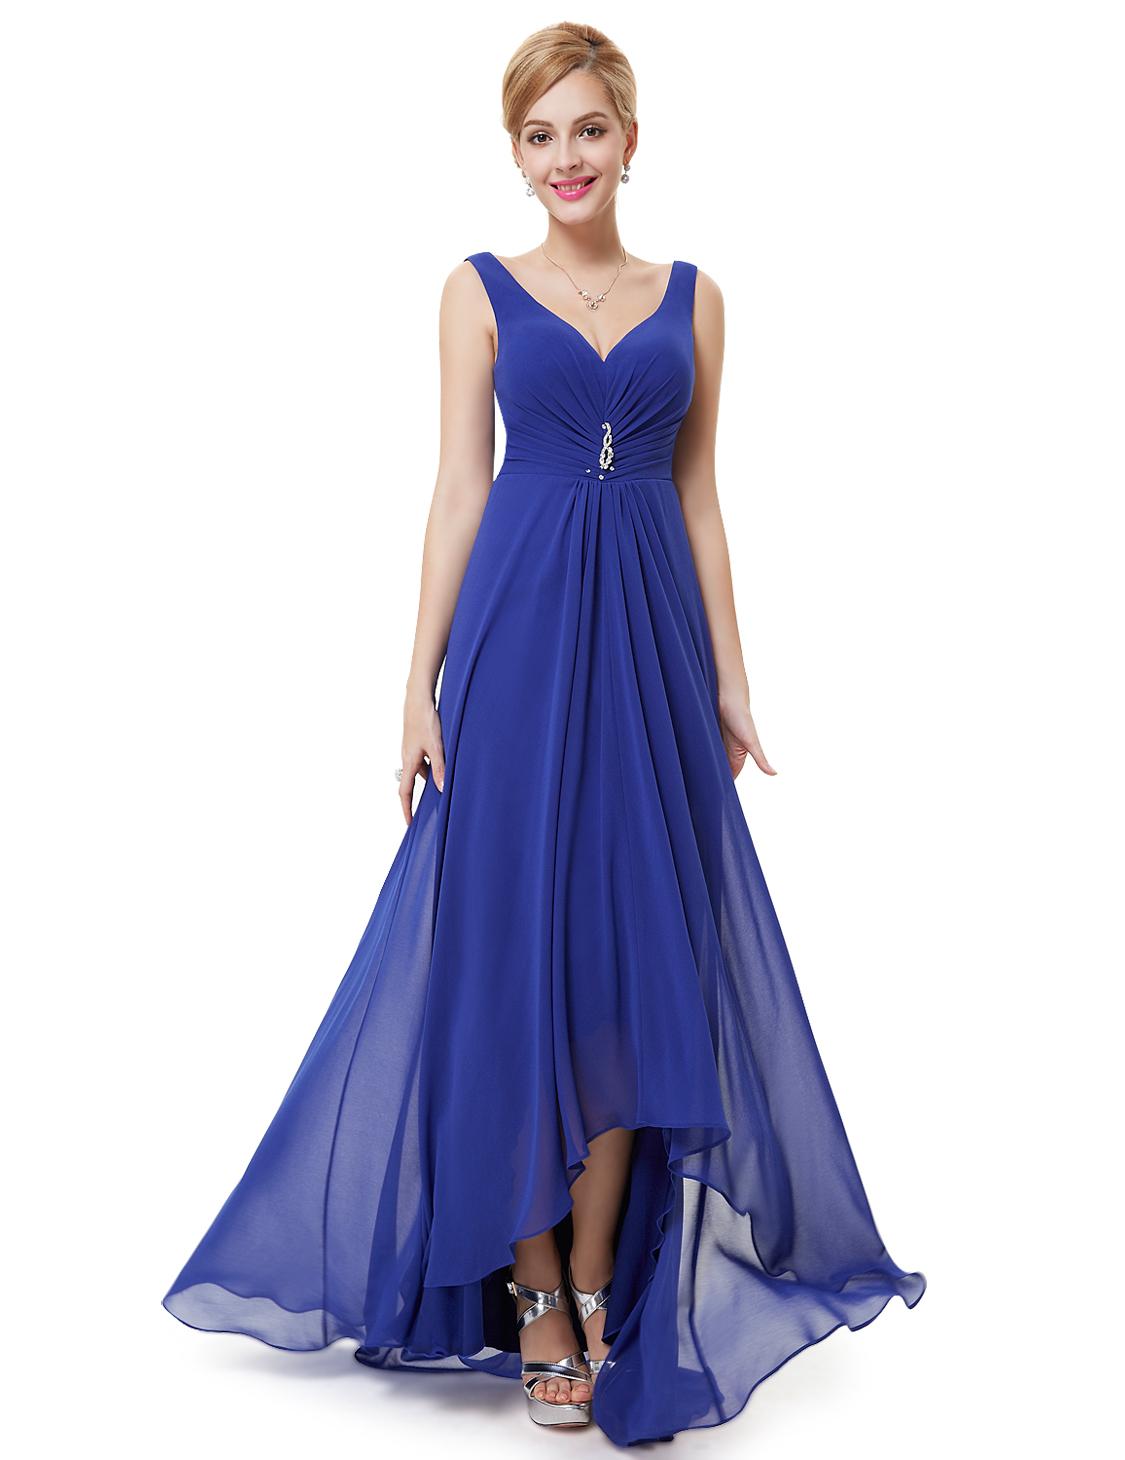 bridesmaid dresses on ebay uk sears wedding dresses Bridesmaid Dresses On Ebay Uk 71